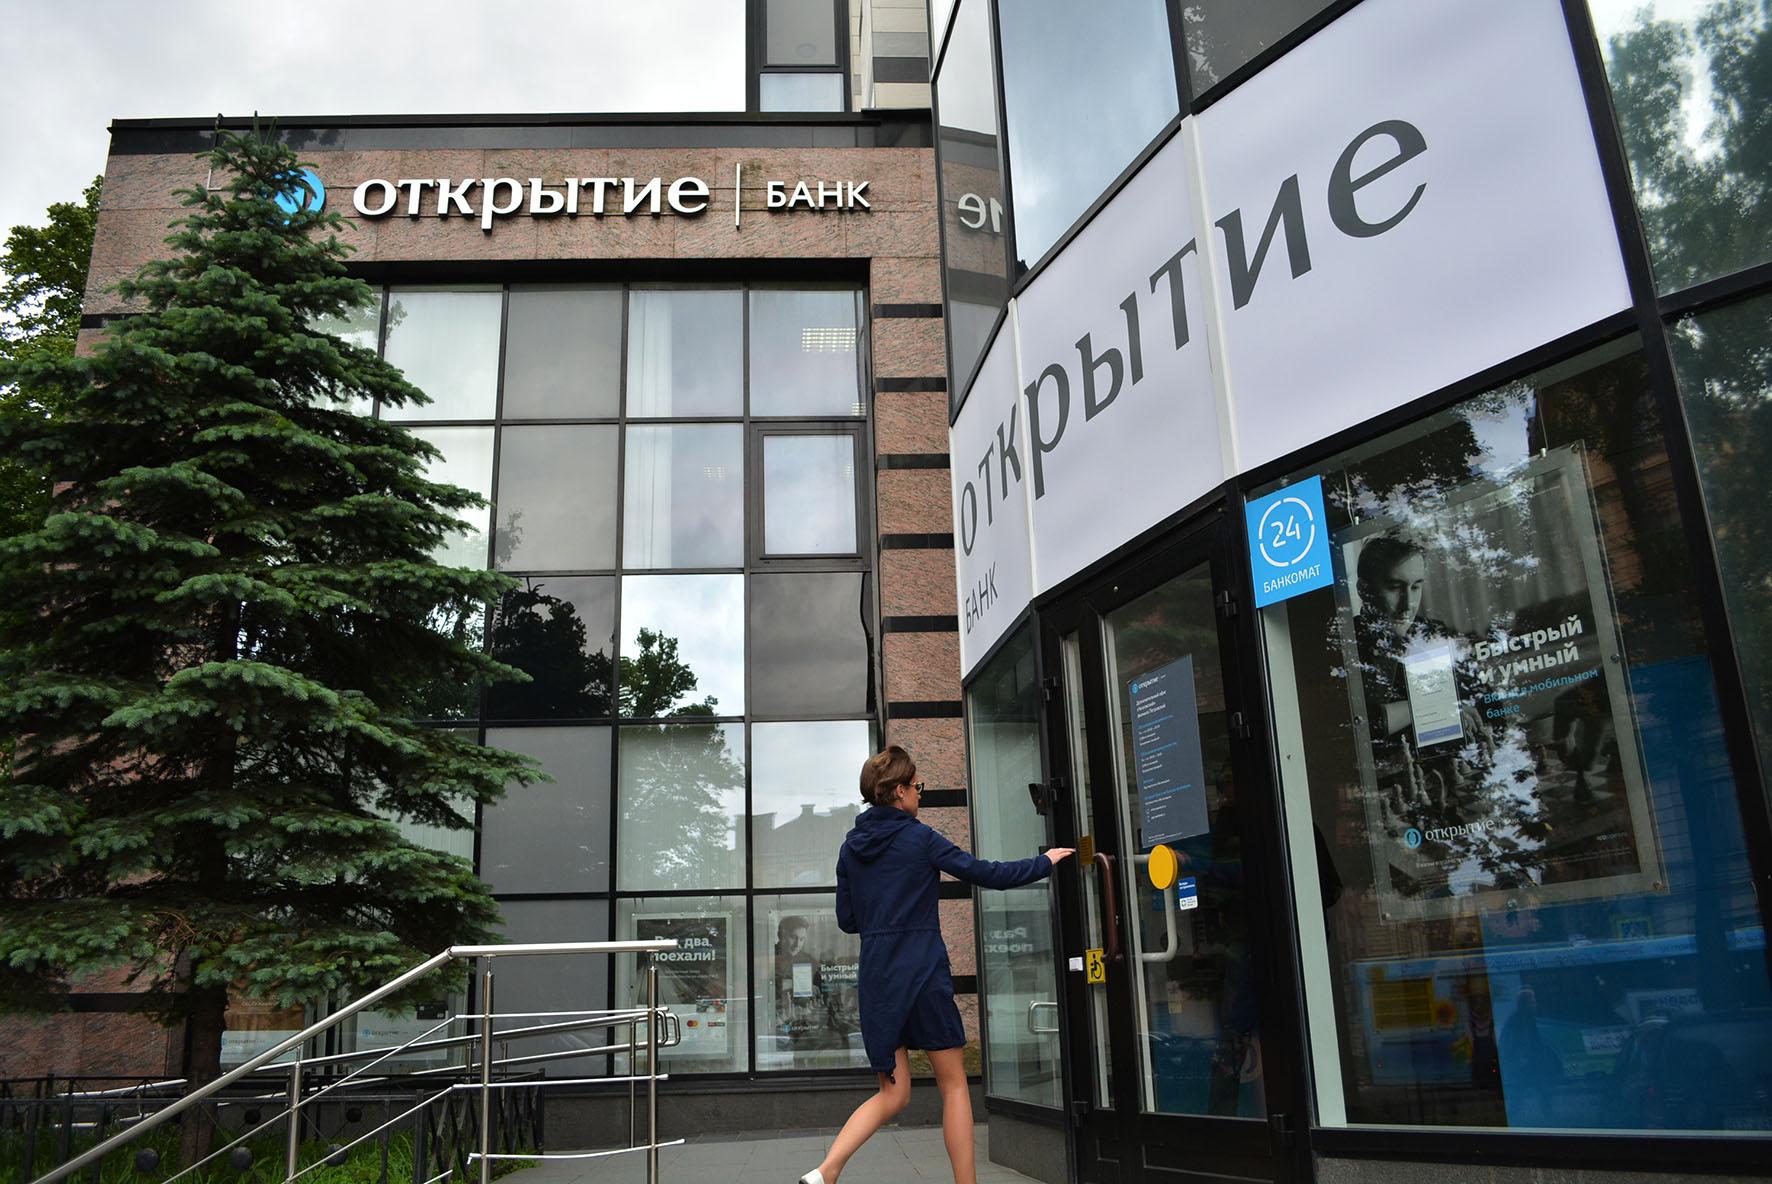 """Чистая прибыль банка """"Открытие"""" за 1 квартал 2021 года по РСБУ выросла более чем в 8 раз - до 26 млрд рублей"""